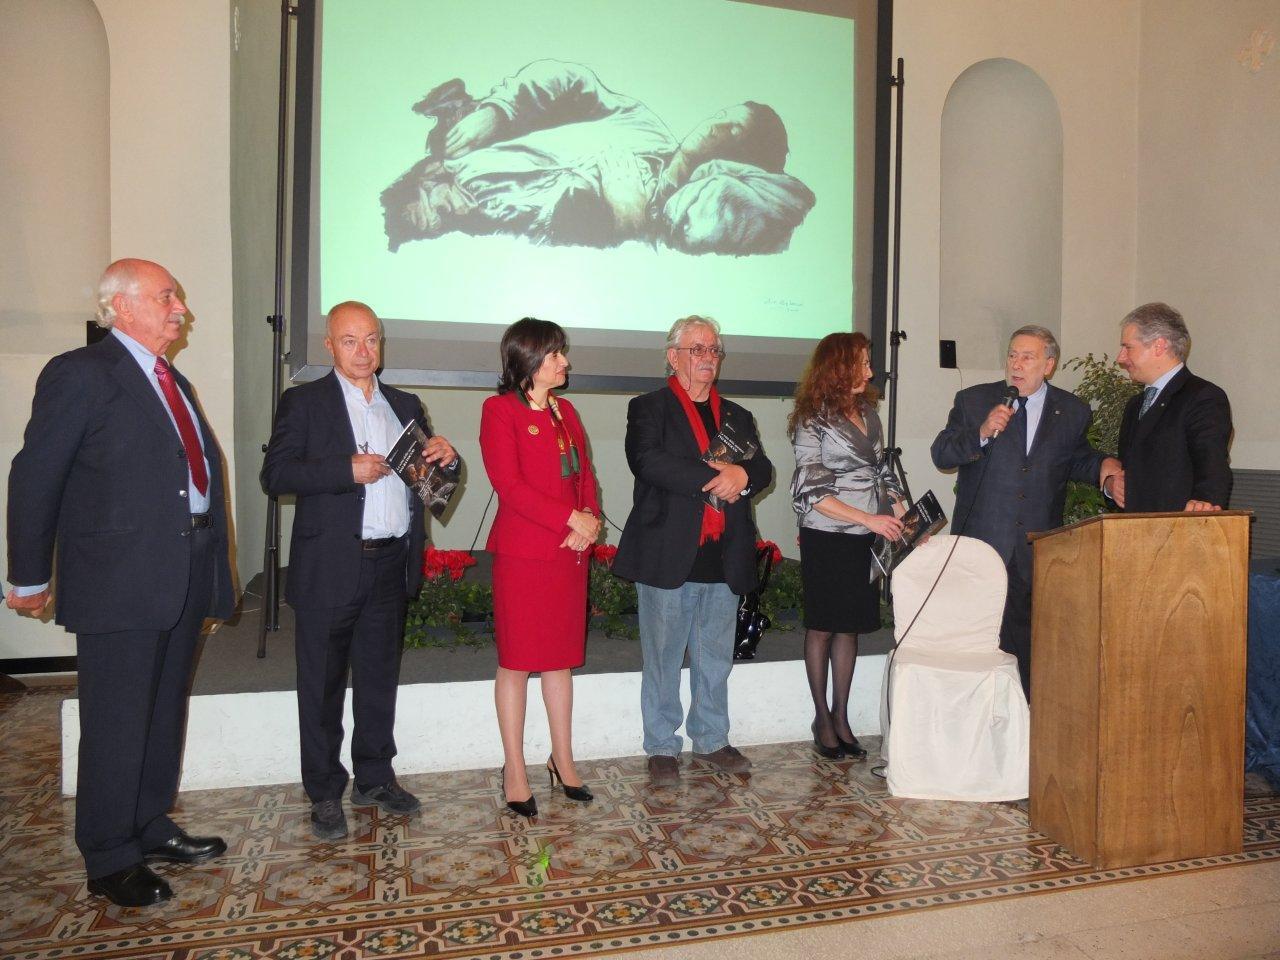 Il Console di Ancona presenzia a San Marino alla mostra di Ivo Batocco sull'emigrazione